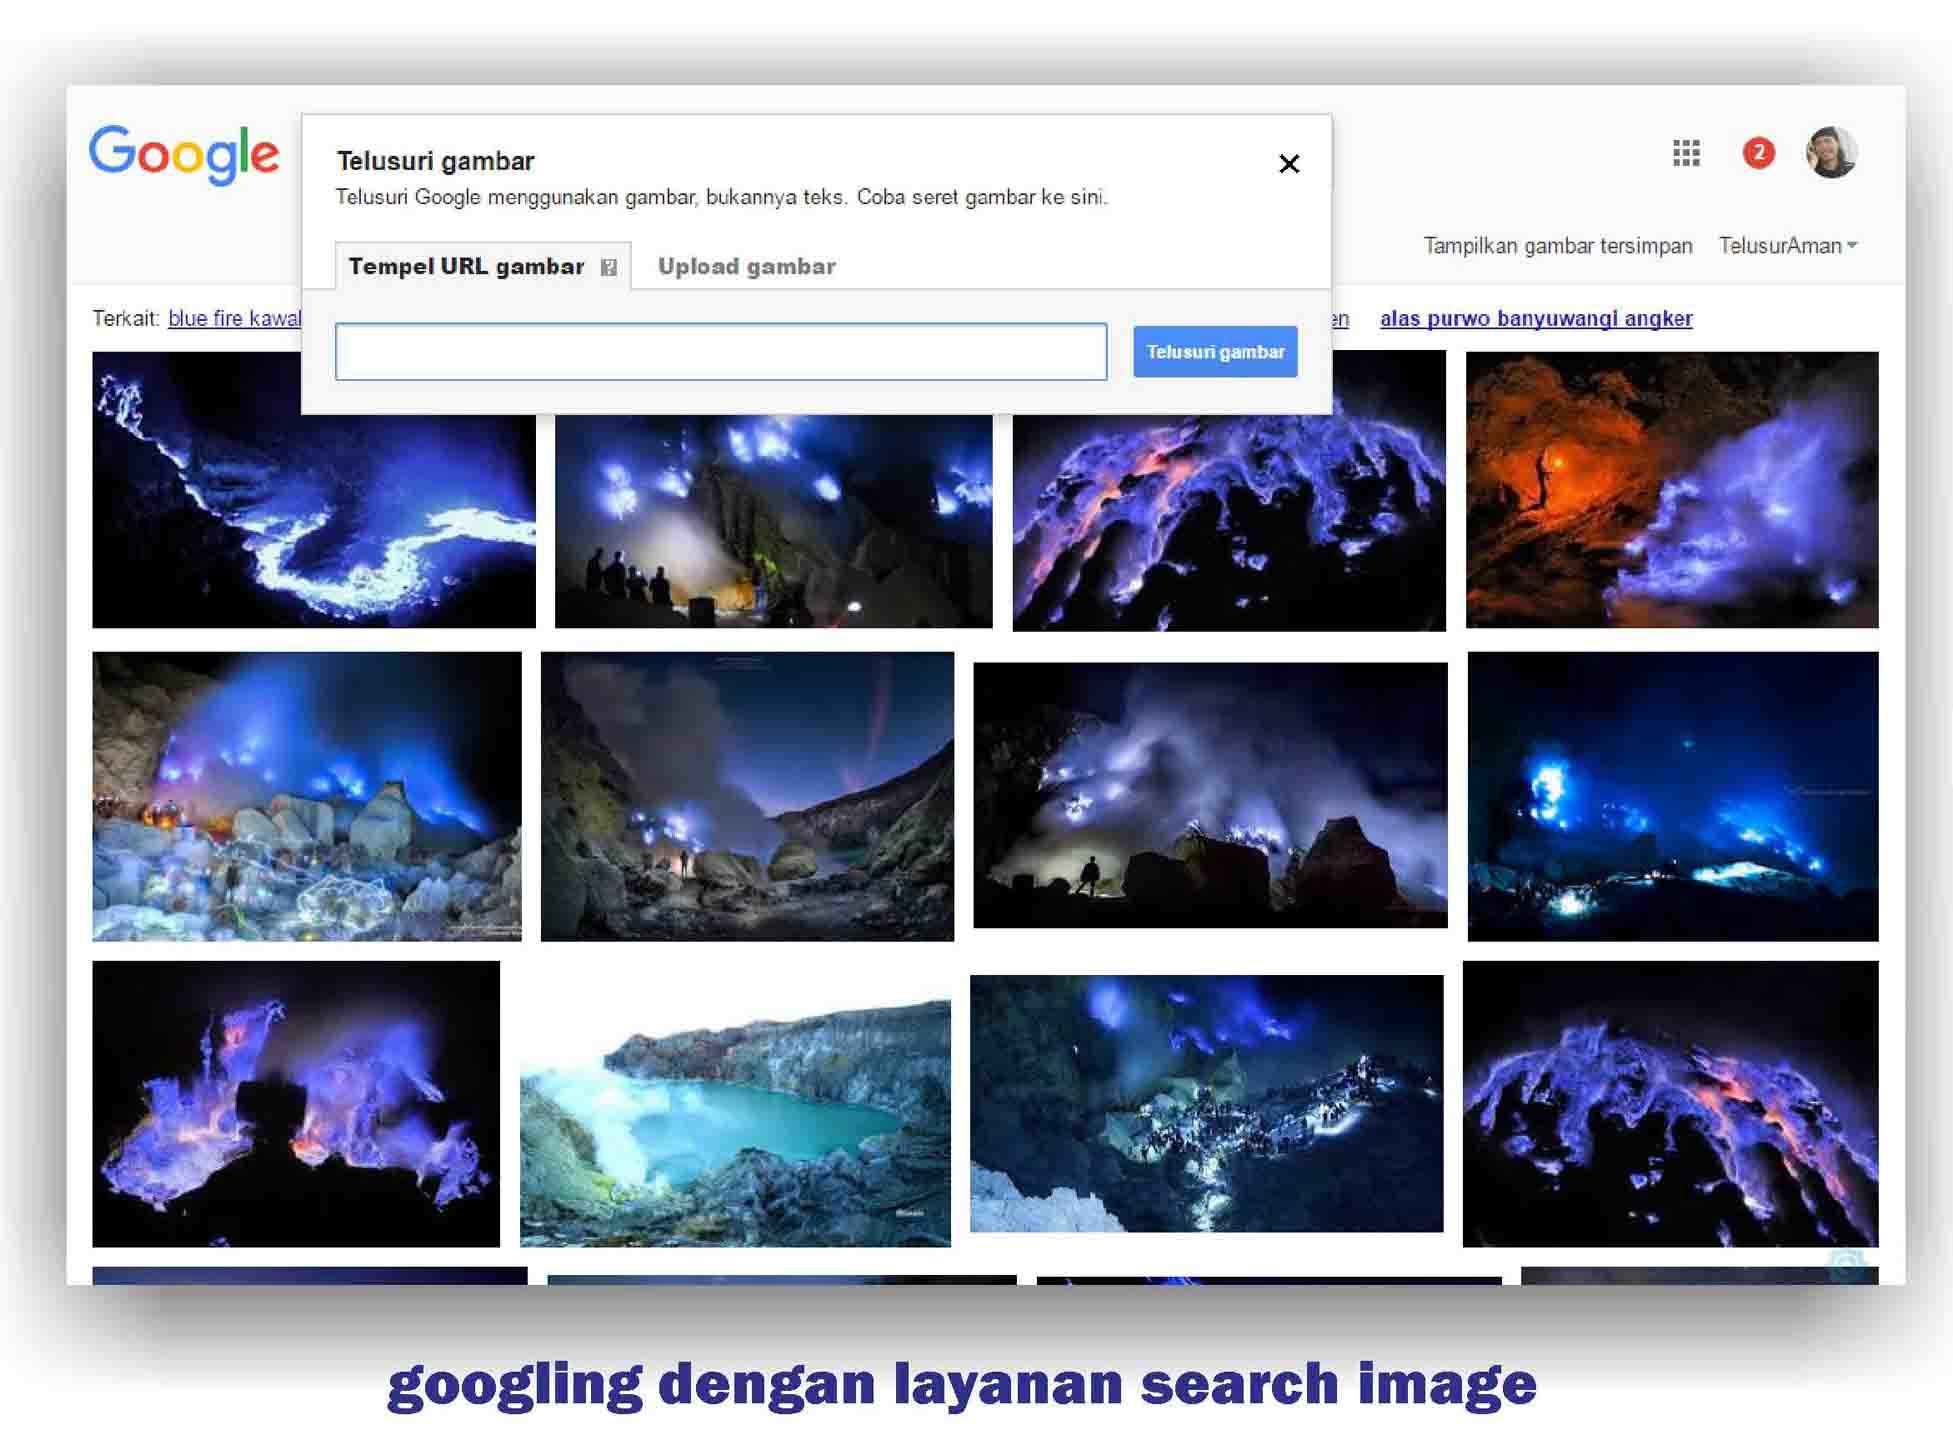 Foto api biru Kawah Ijen, Foto Kawah Ijen Blue Fire, foto blue fire Banyuwangi